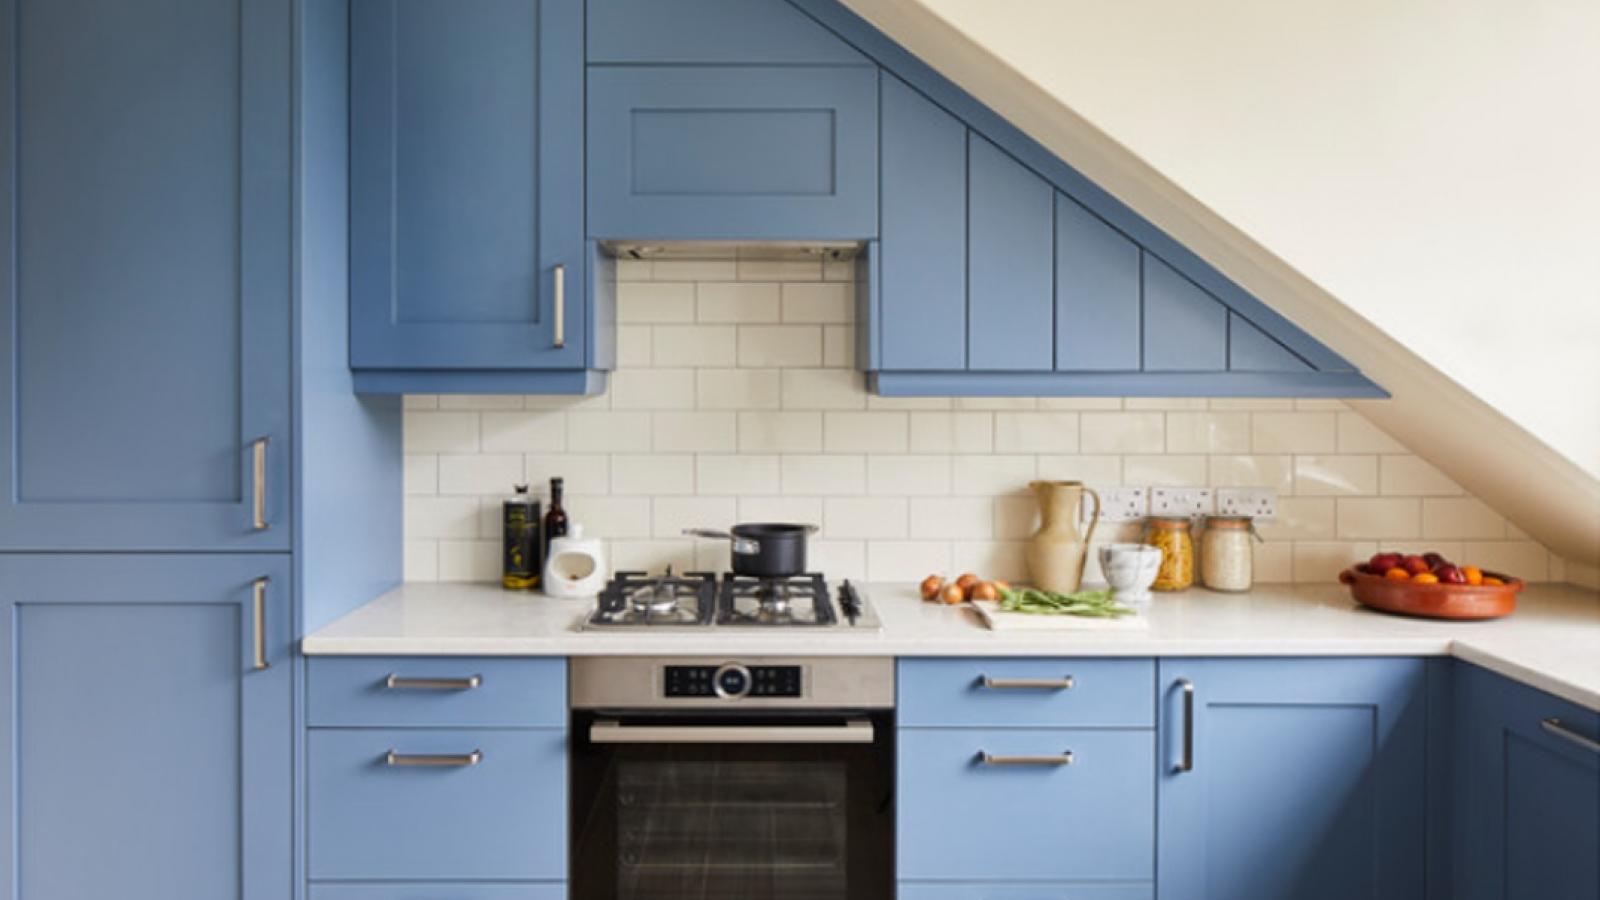 Cách bố trí nội thất thông minh để khắc phục nhược điểm căn nhà